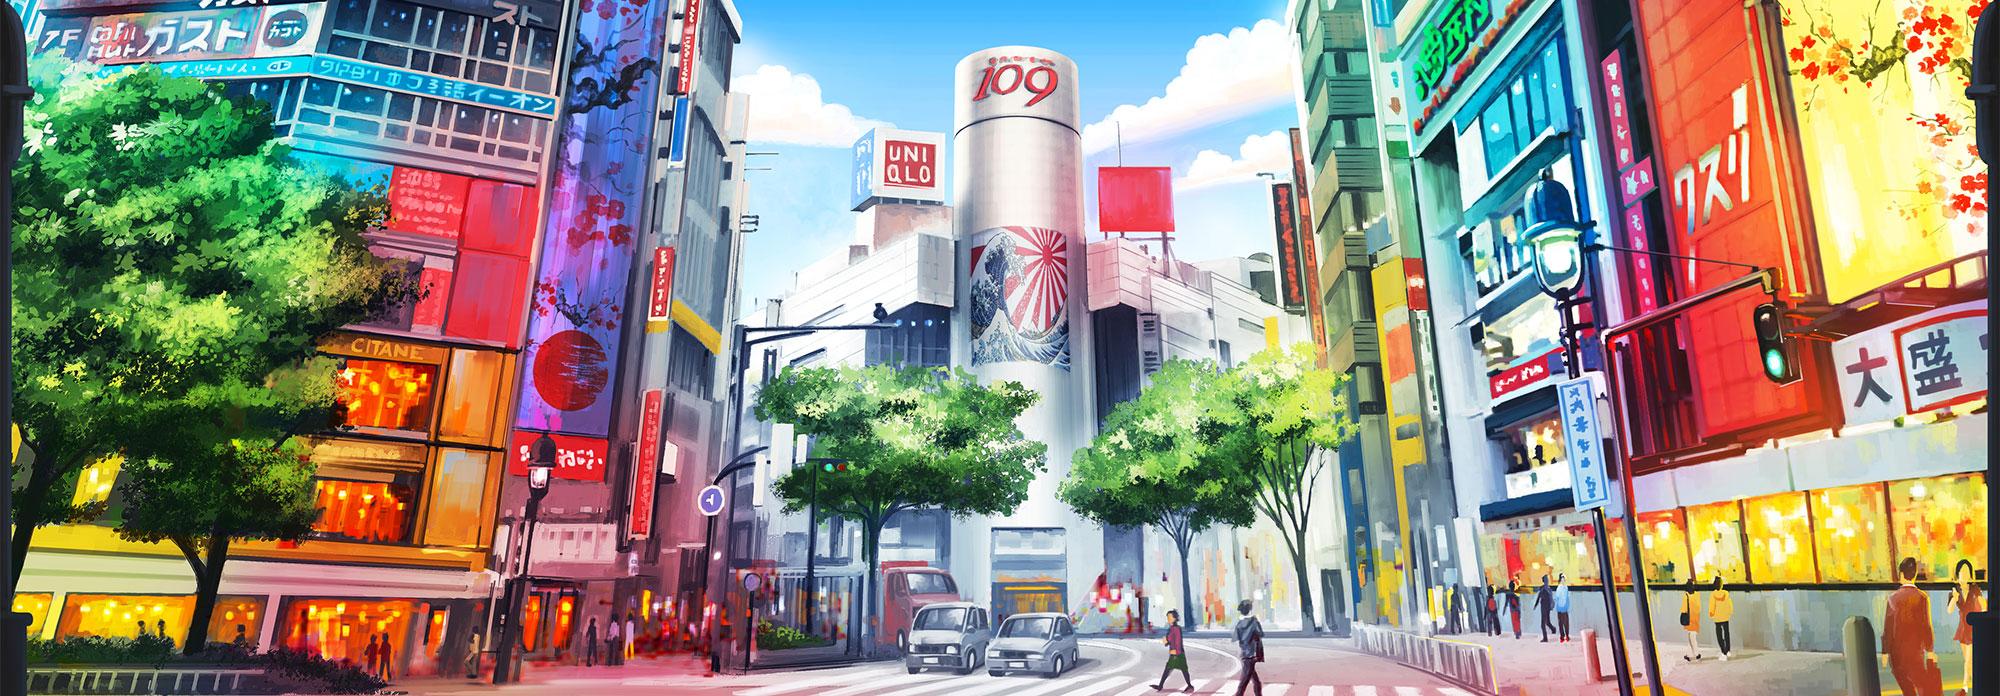 Cityscapes-Tokyo-Vito Di Bari